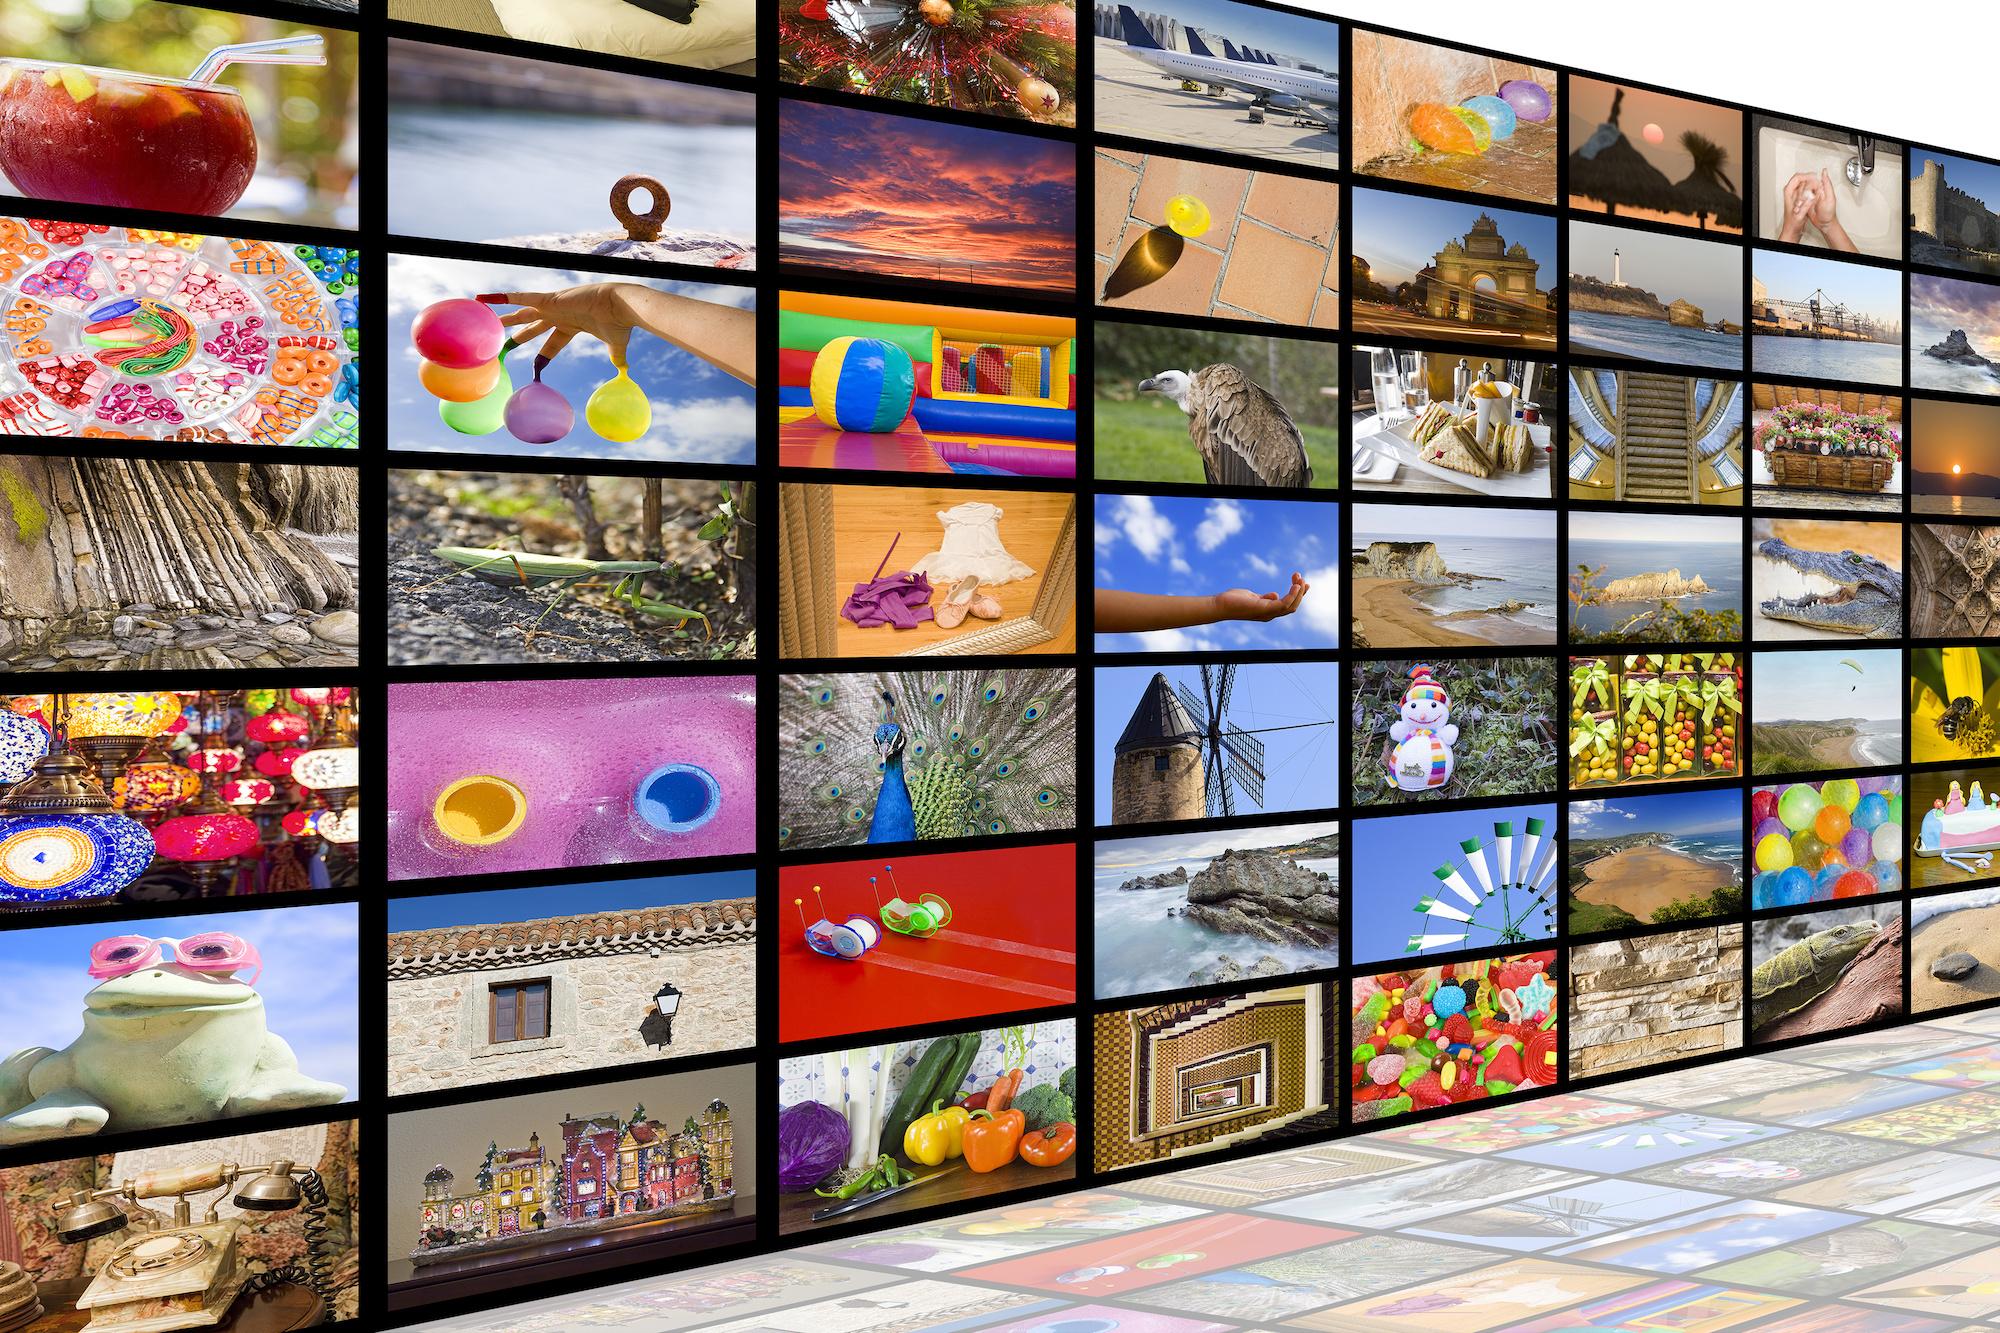 HDMIデバイスの17年度出荷 9億台へ。累計で70億台に